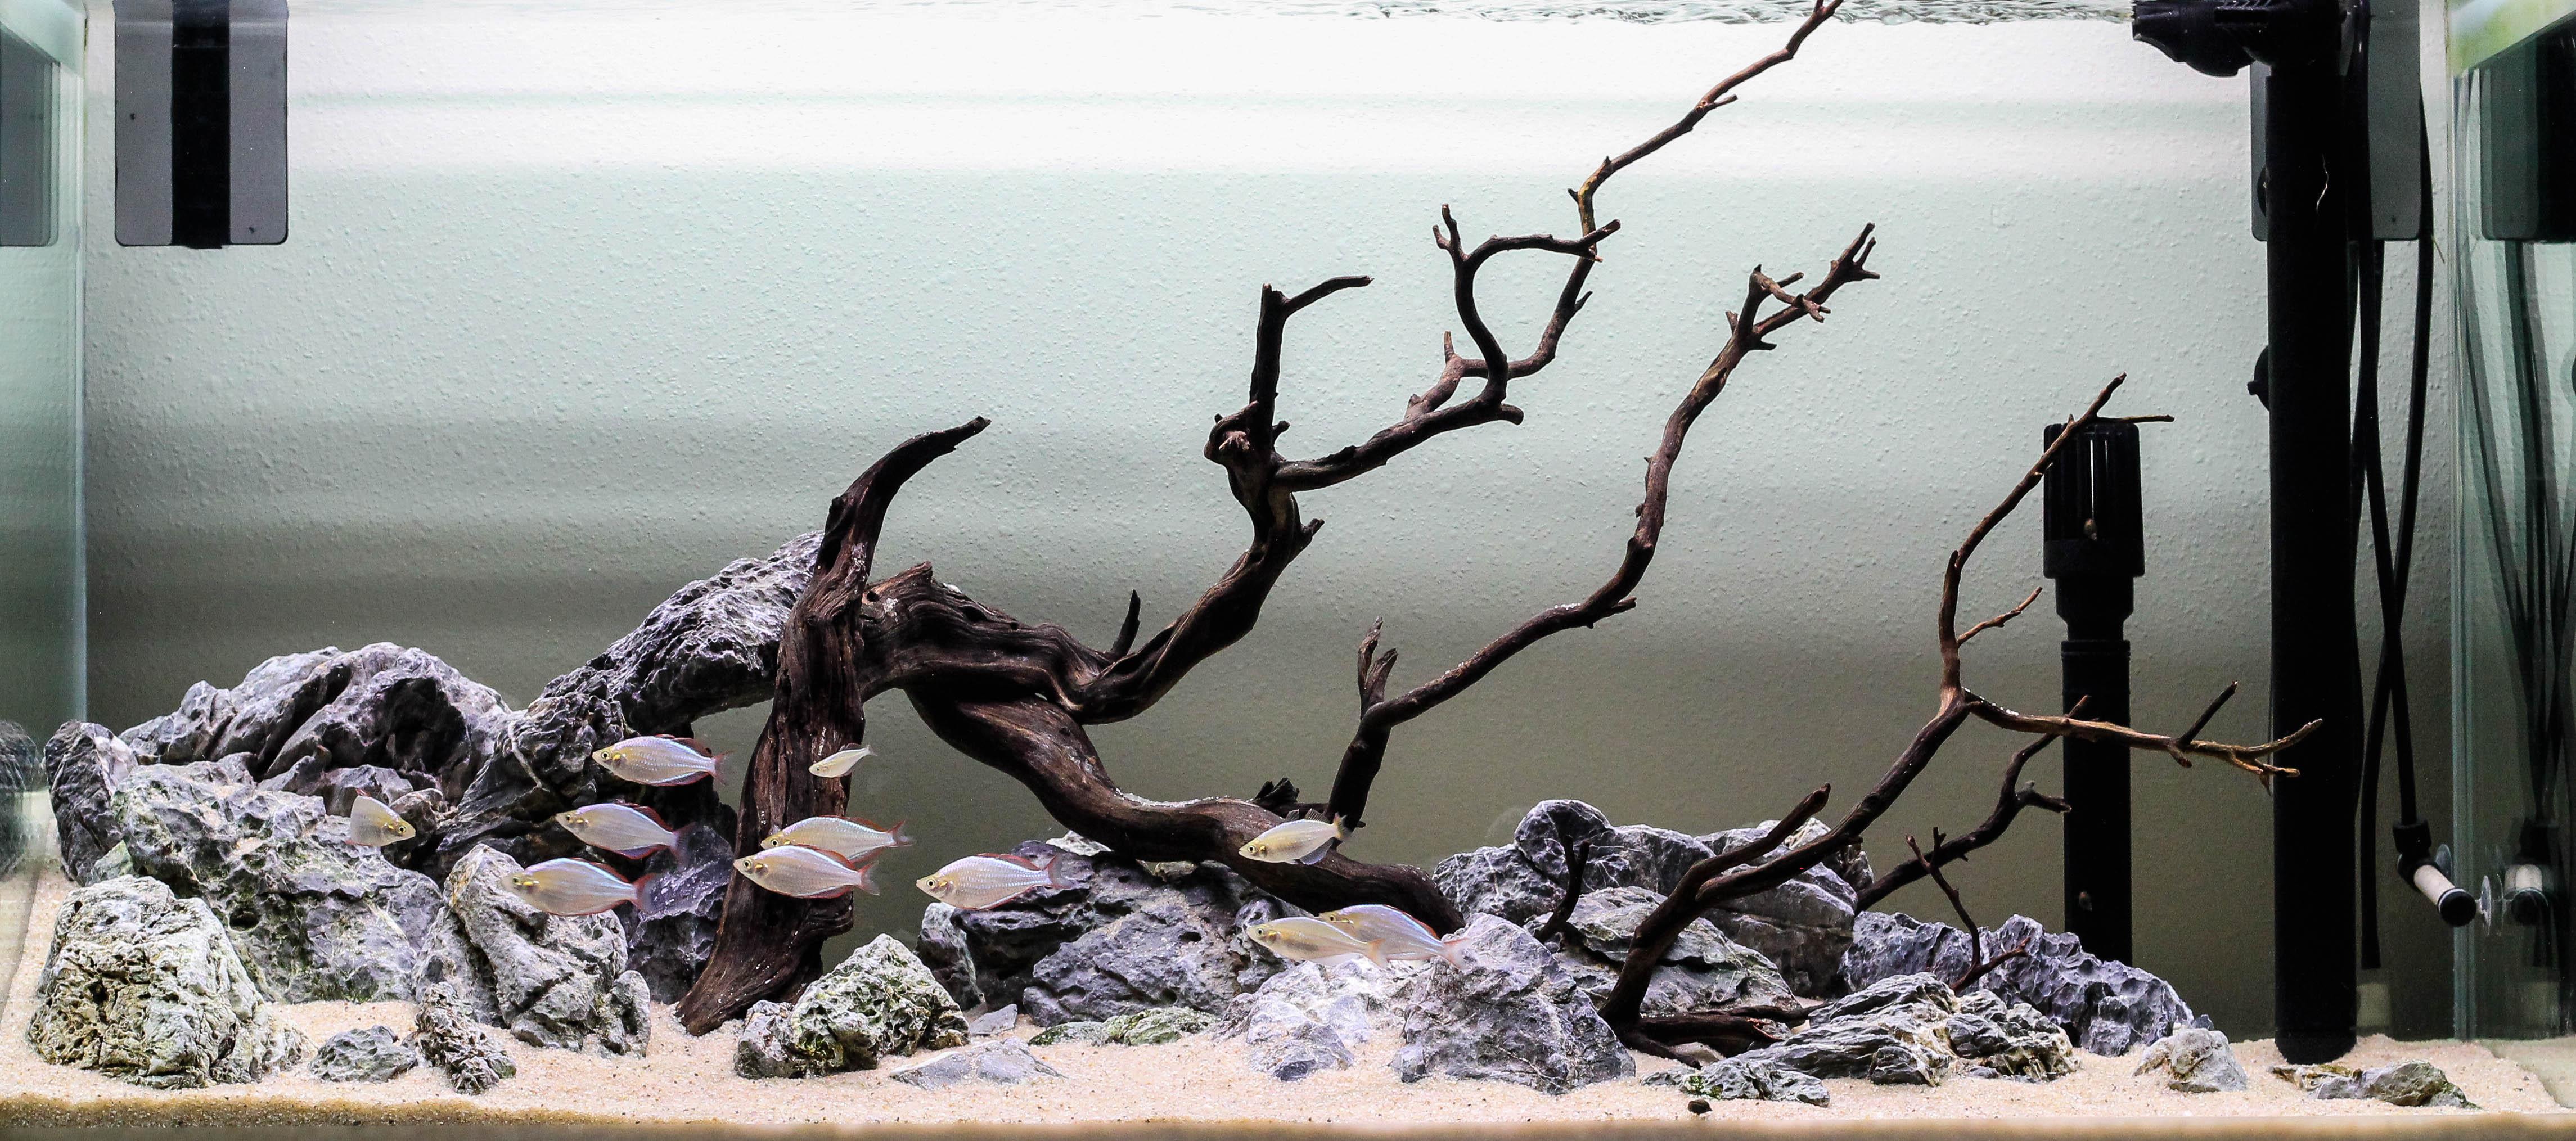 Rock And Wood Aquascape